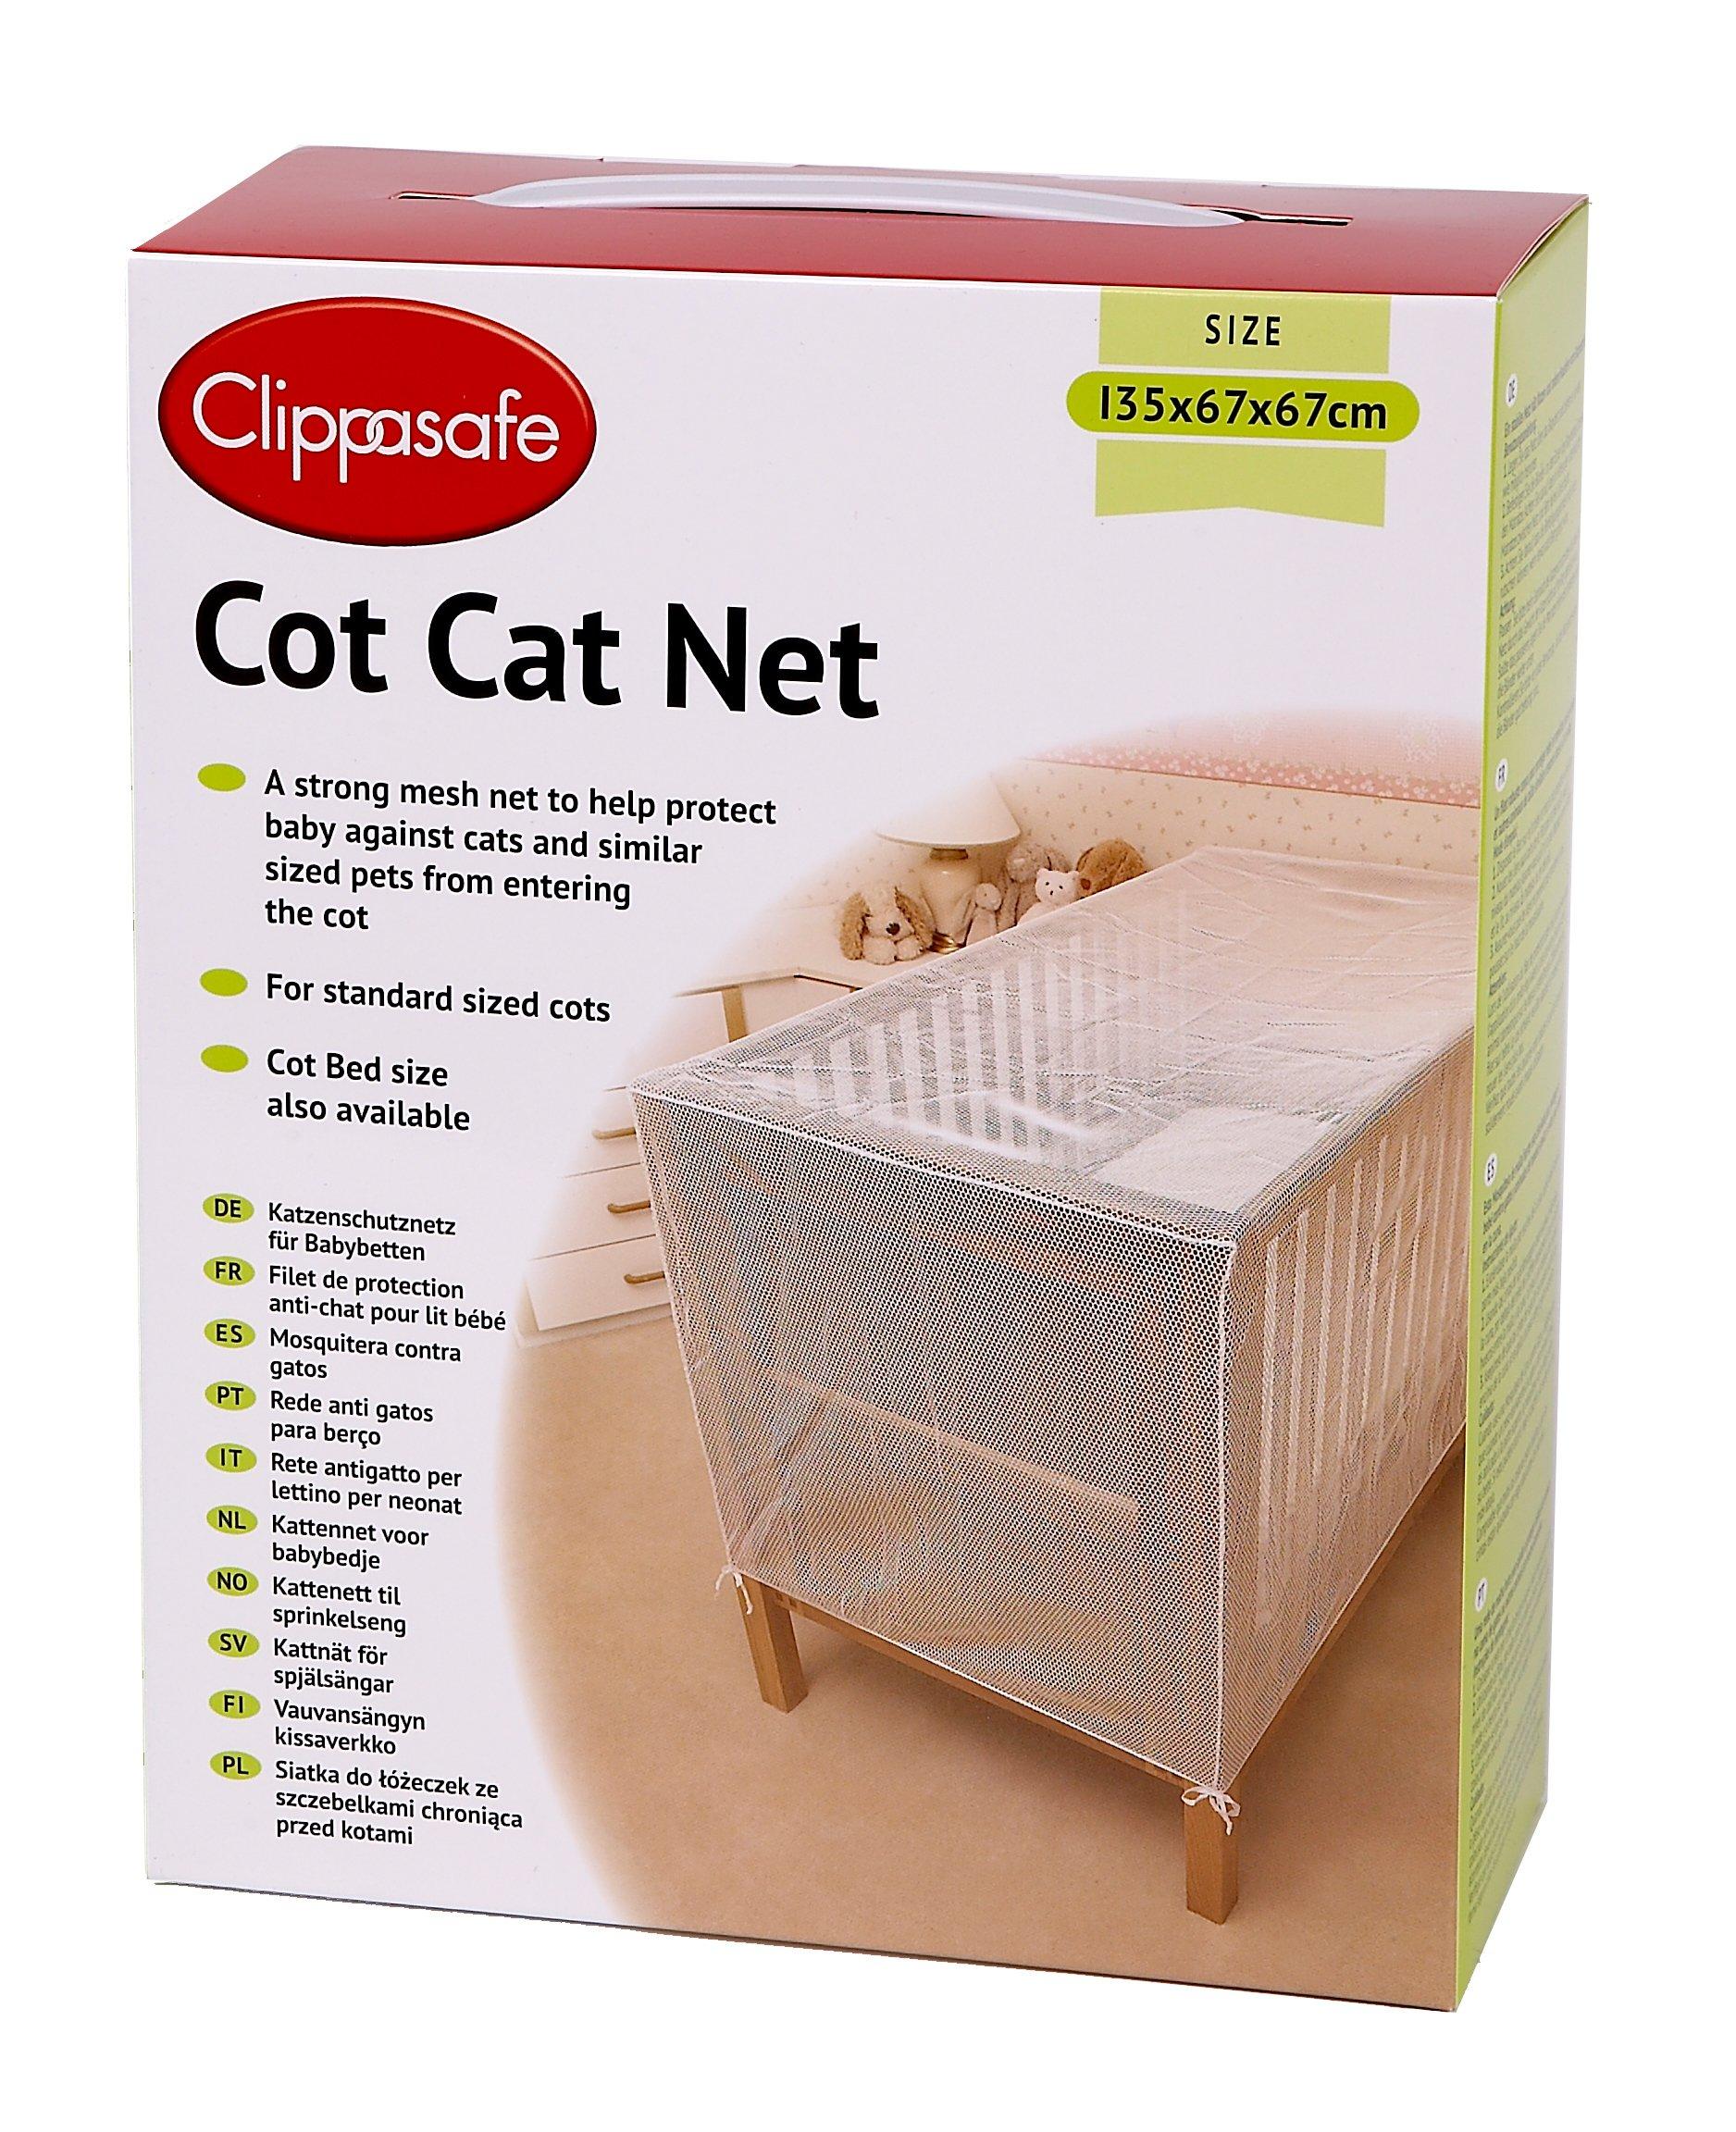 Clippasafe Cot Cat Net - 135 X 67 X 67cm